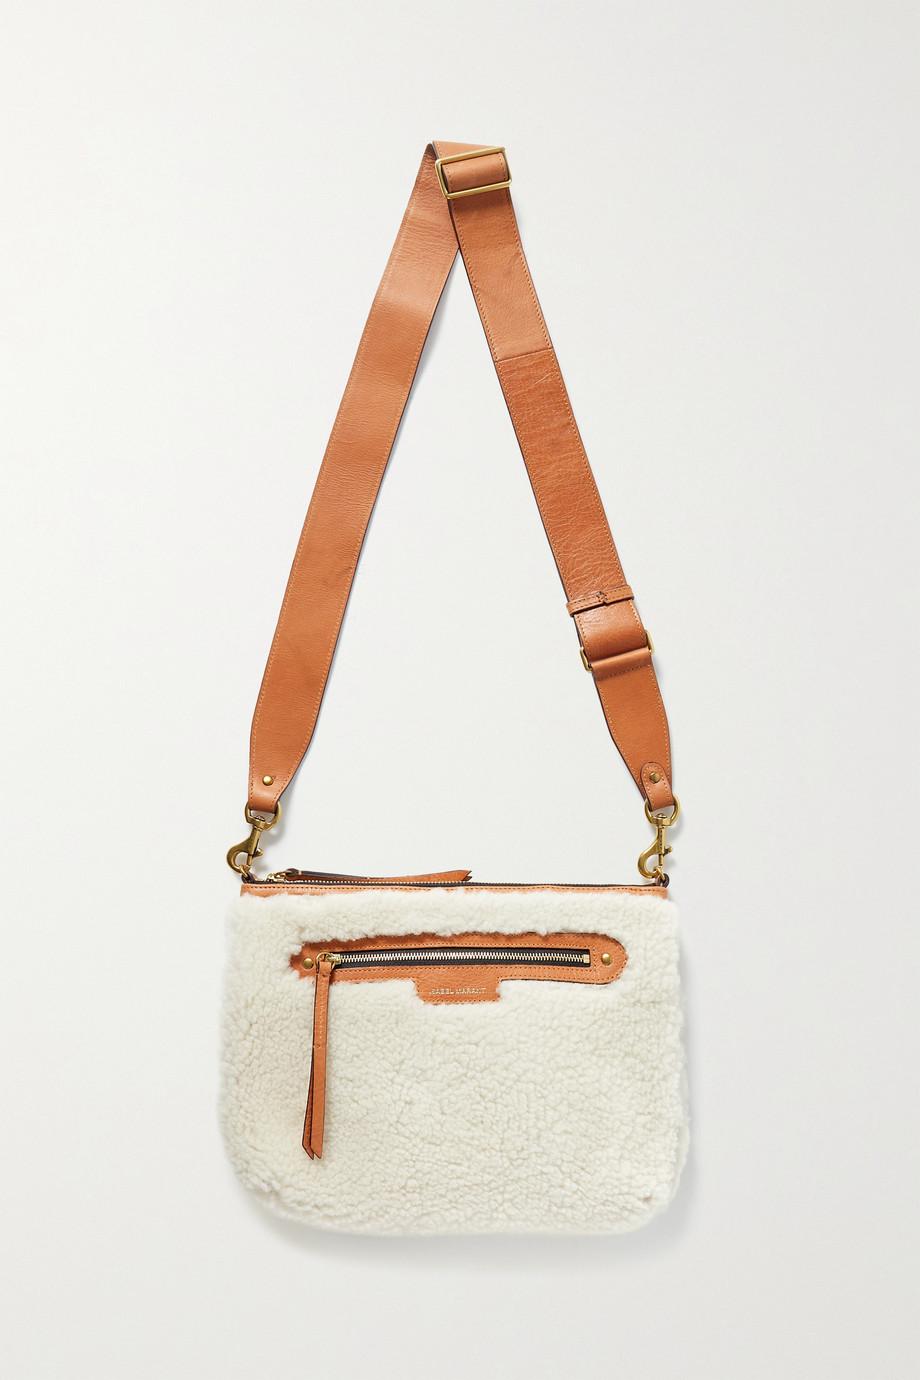 Isabel Marant Nessah leather-trimmed shearling shoulder bag